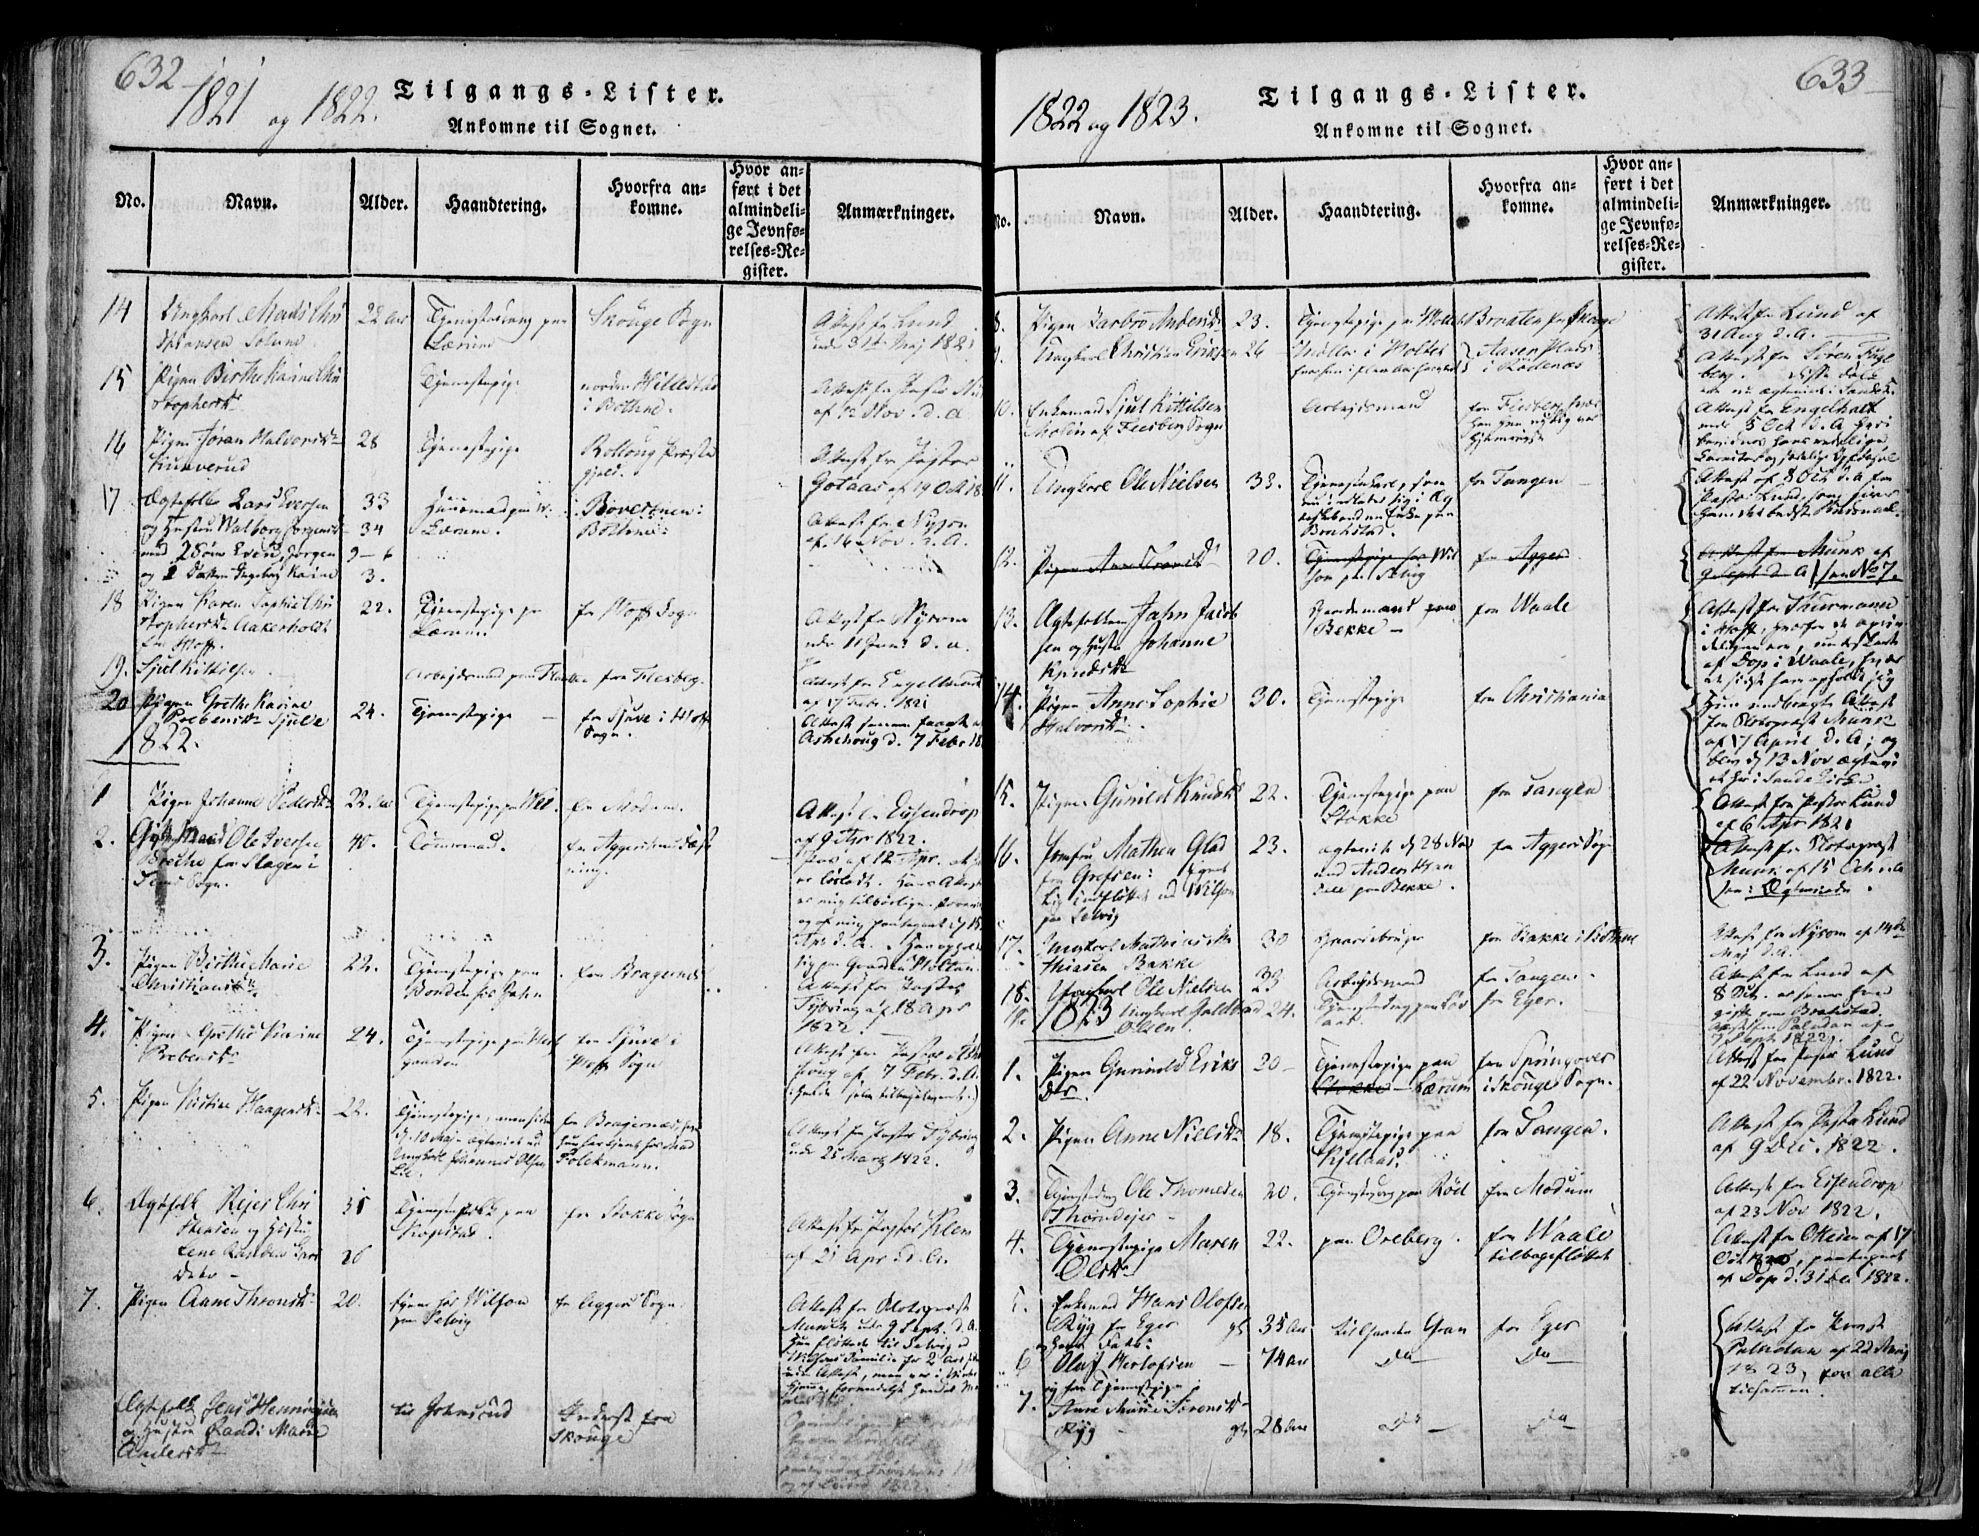 SAKO, Sande Kirkebøker, F/Fa/L0003: Ministerialbok nr. 3, 1814-1847, s. 632-633